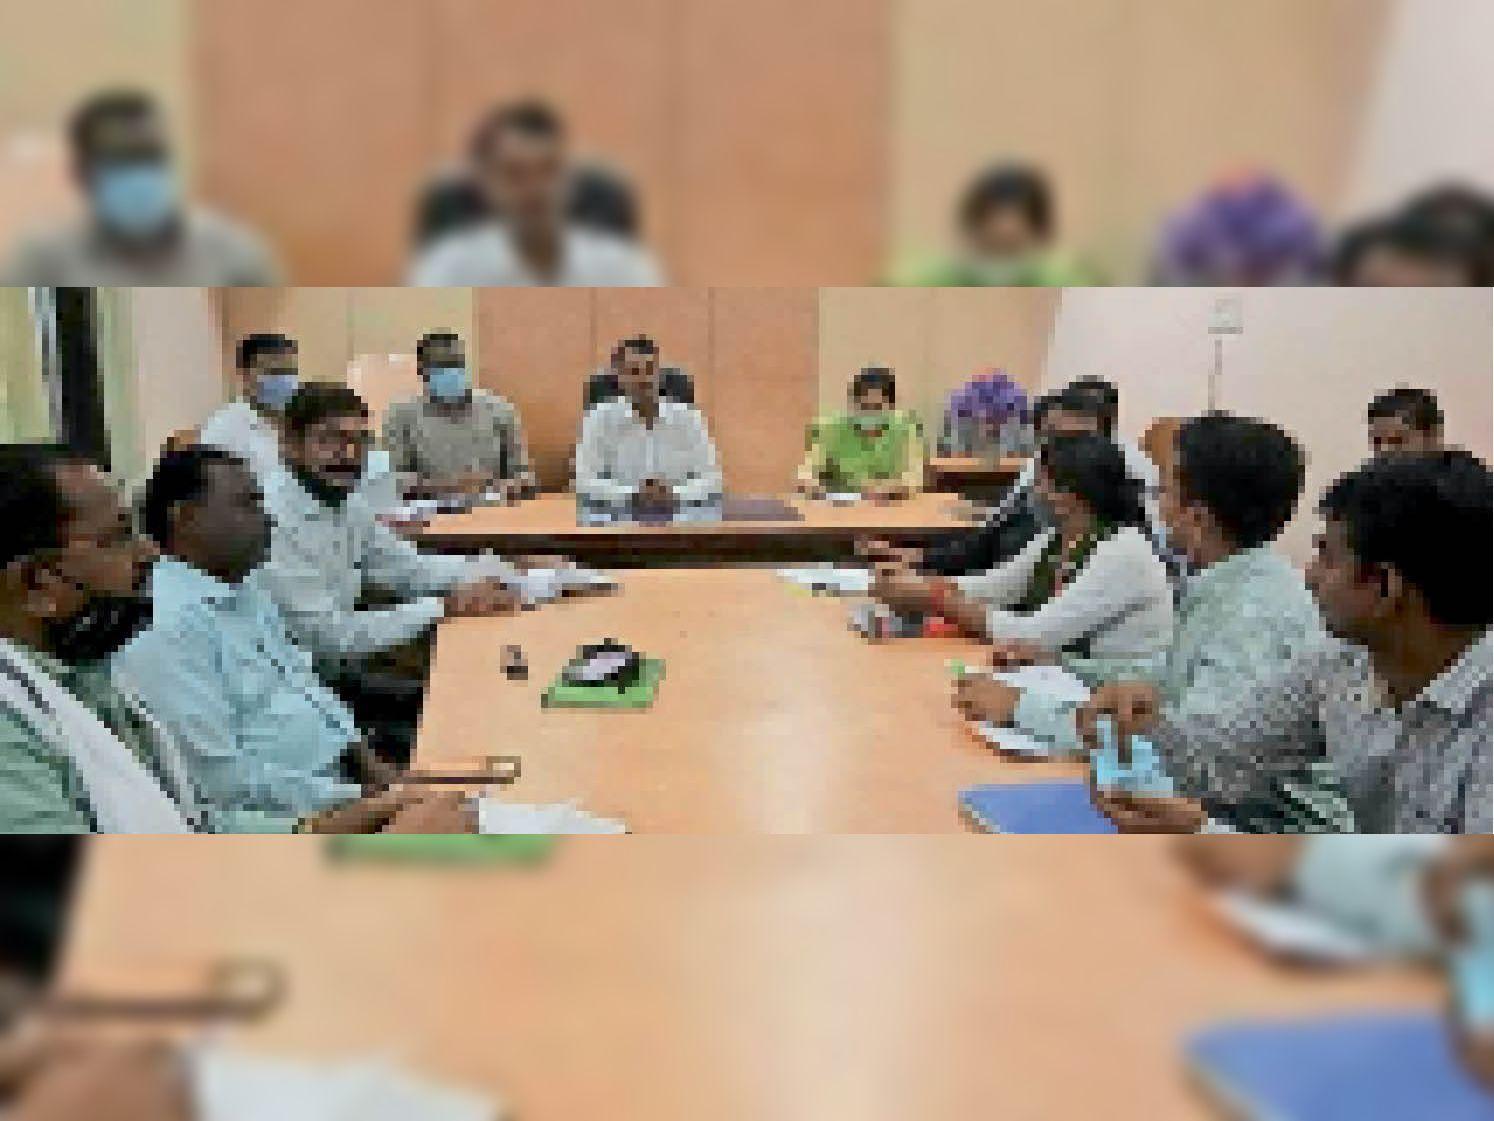 साप्ताहिक समीक्षा बैठक में वैक्सीनेशन की रणनीति बनाते अधिकारी। - Dainik Bhaskar